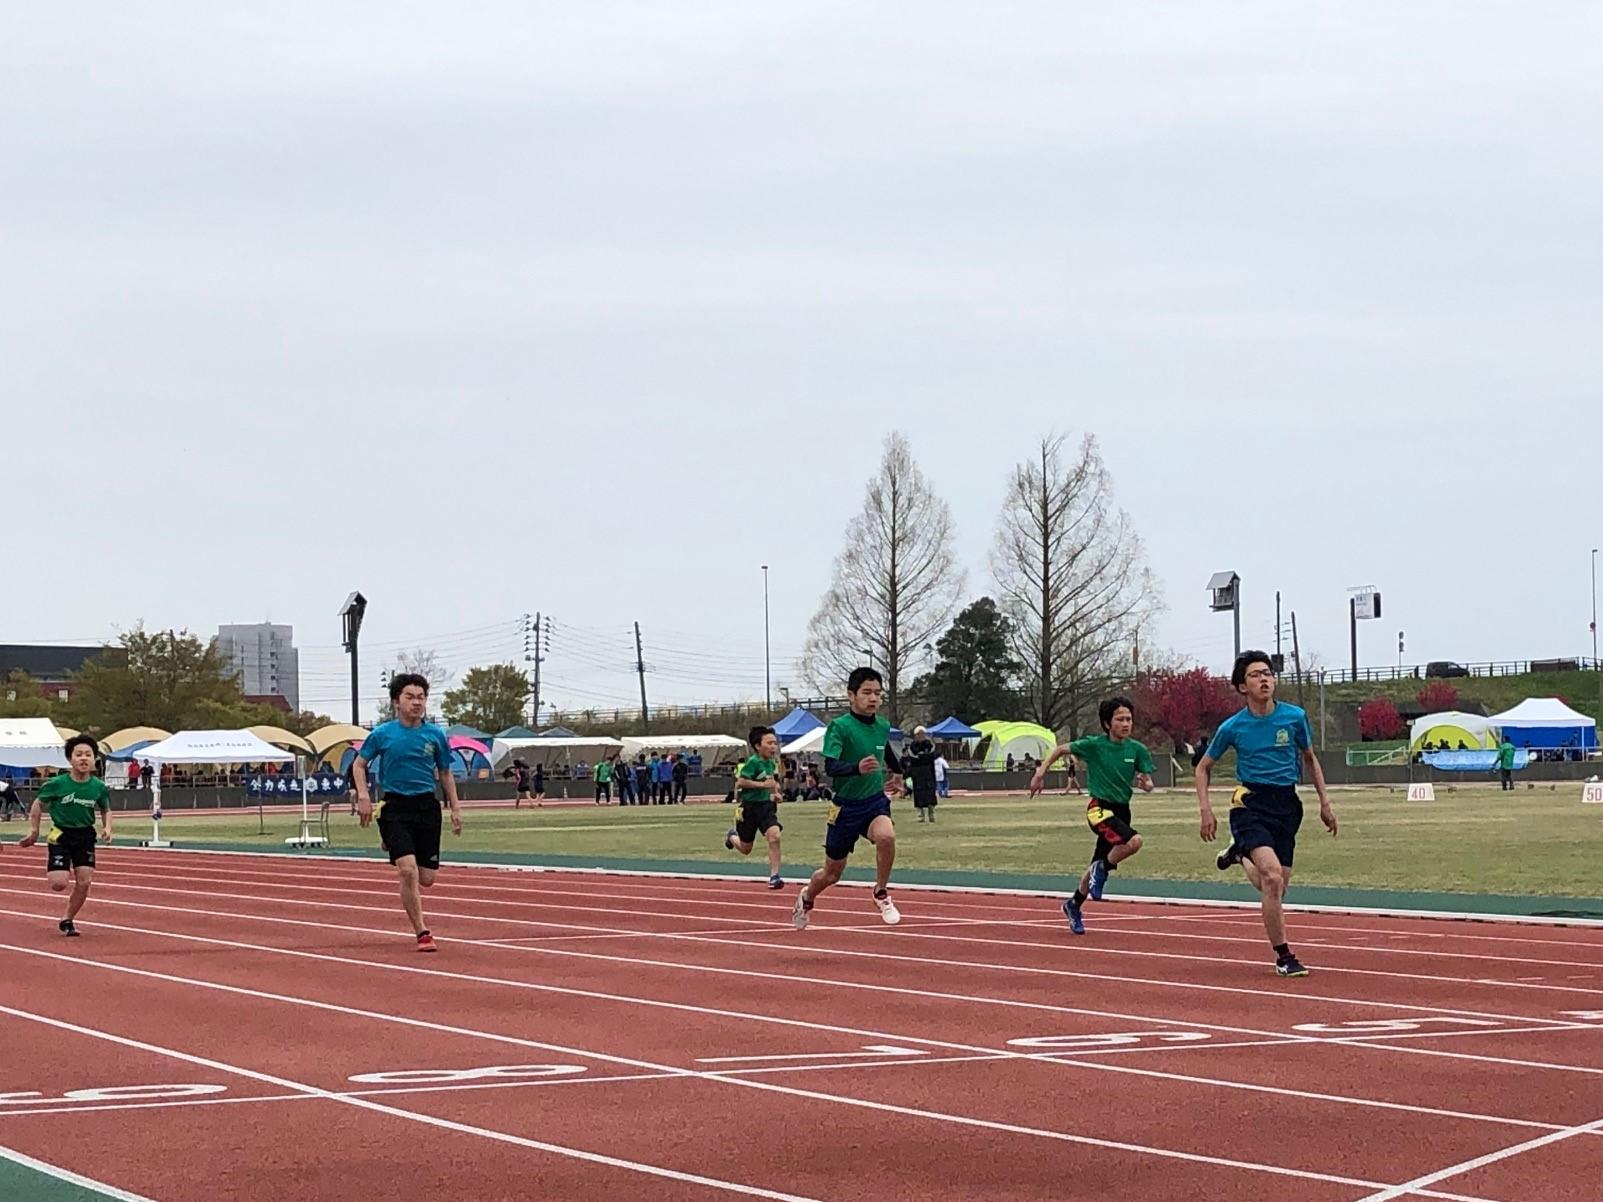 2019.4.21 小学生男子 100m